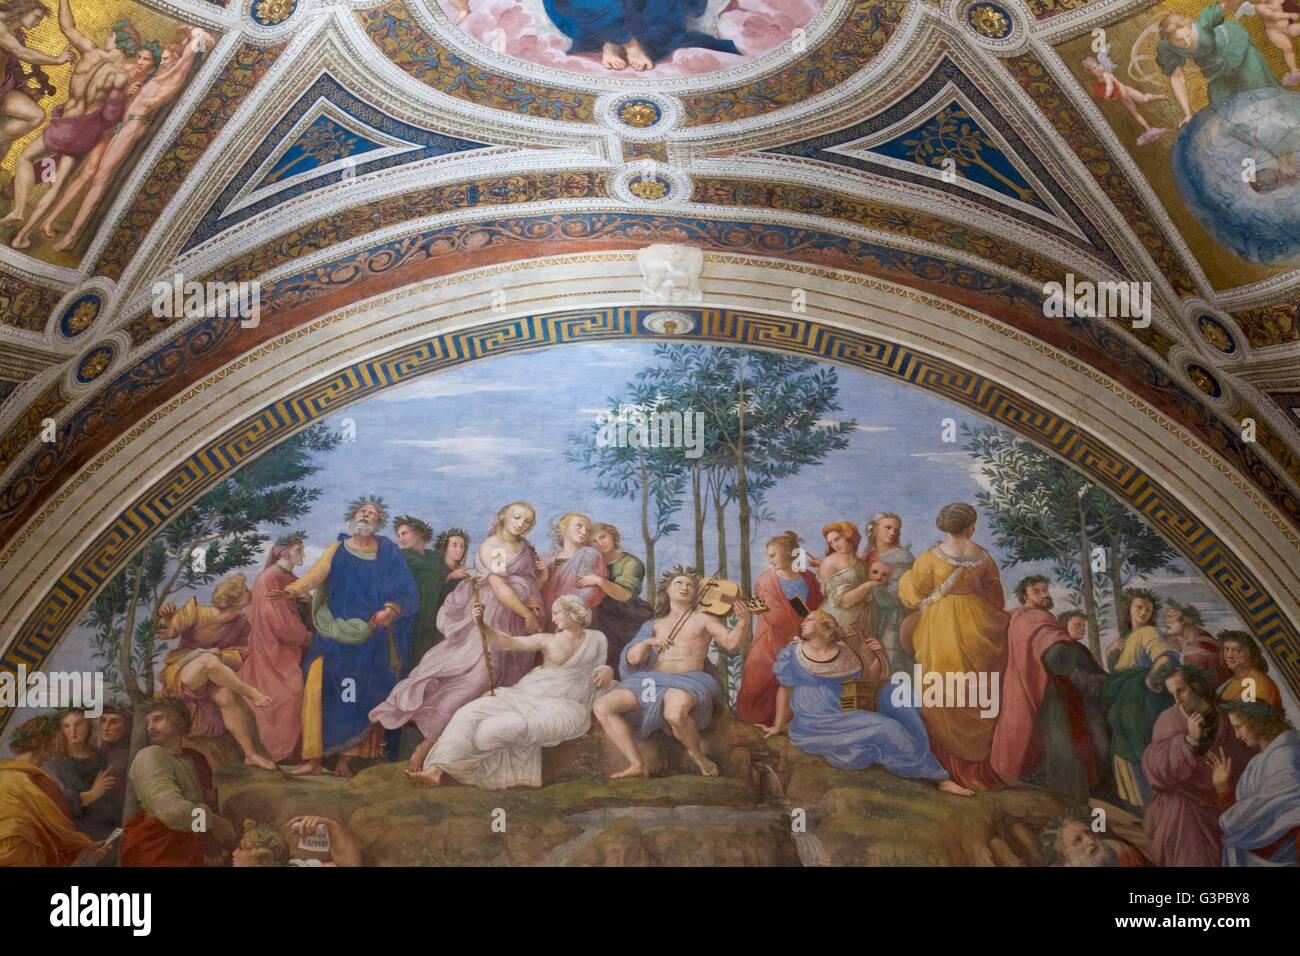 Parnassus. 1509-10, Raum der Unterschrift, Stanzen des Raffael, Apostolischen Palast, Vatikanische Museen, Rom, Stockbild